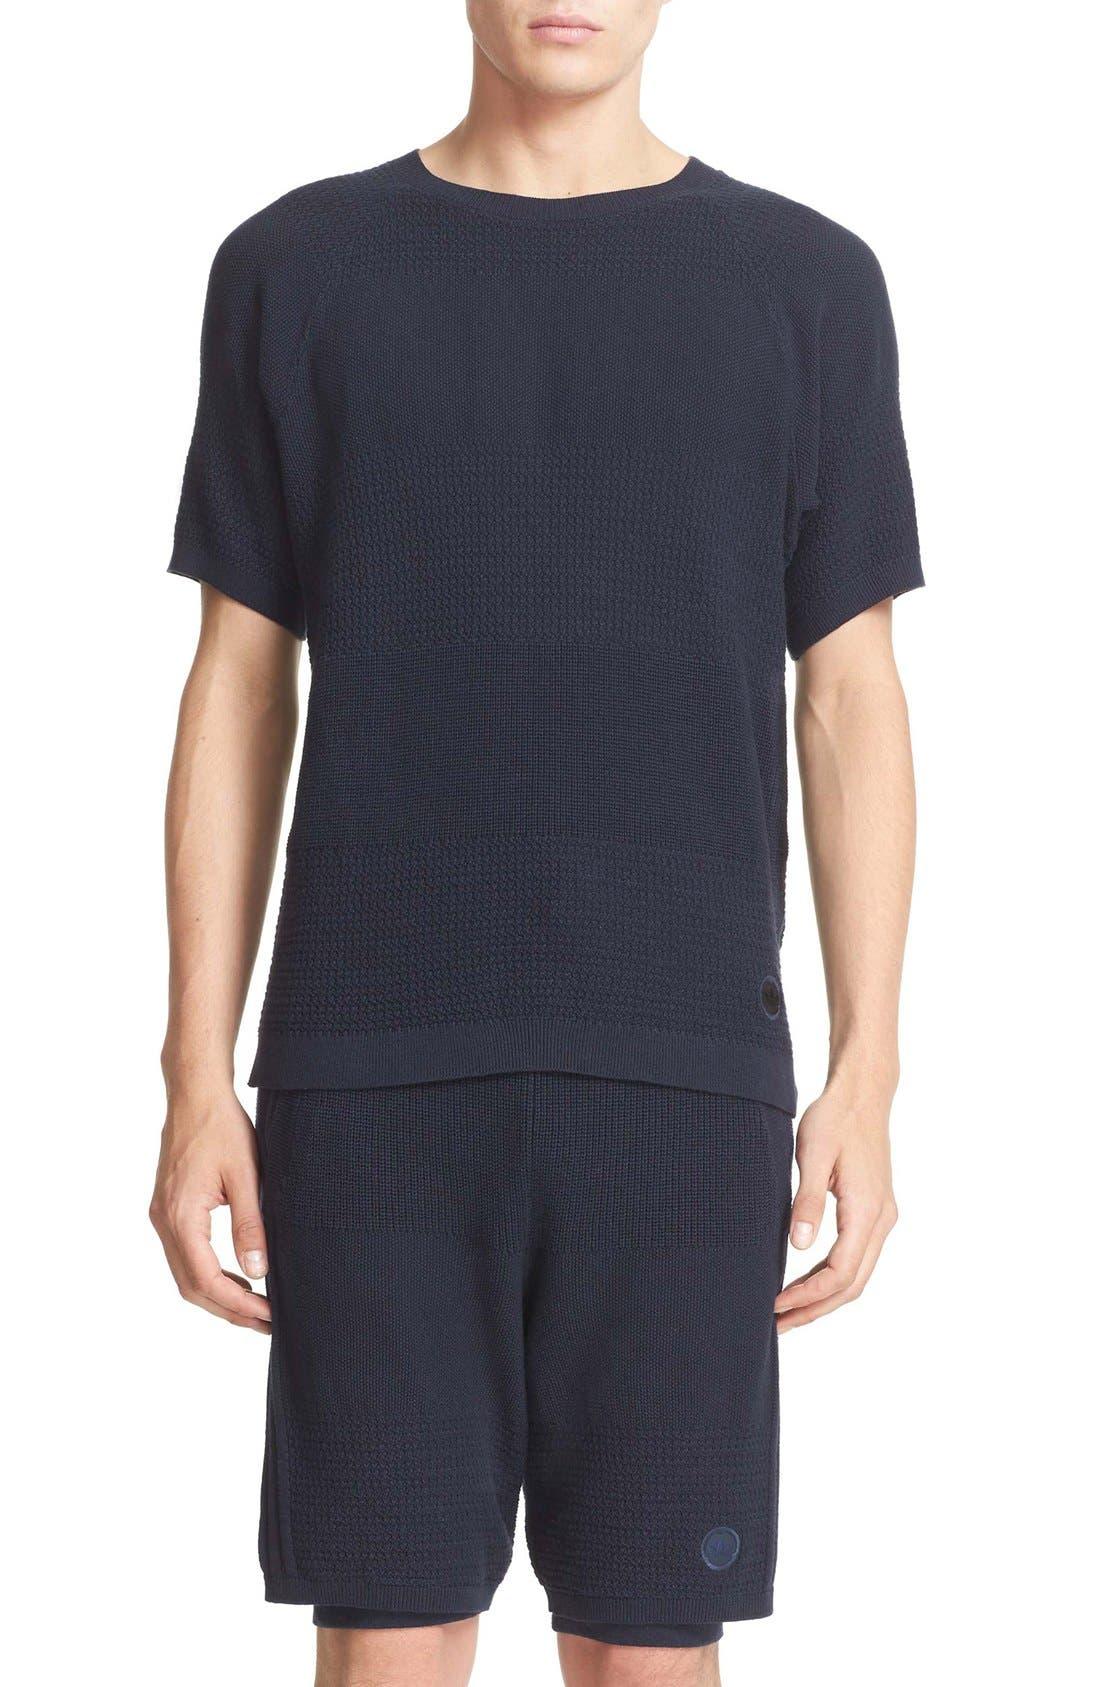 wings + horns x adidas Linear Cotton & Linen T-Shirt